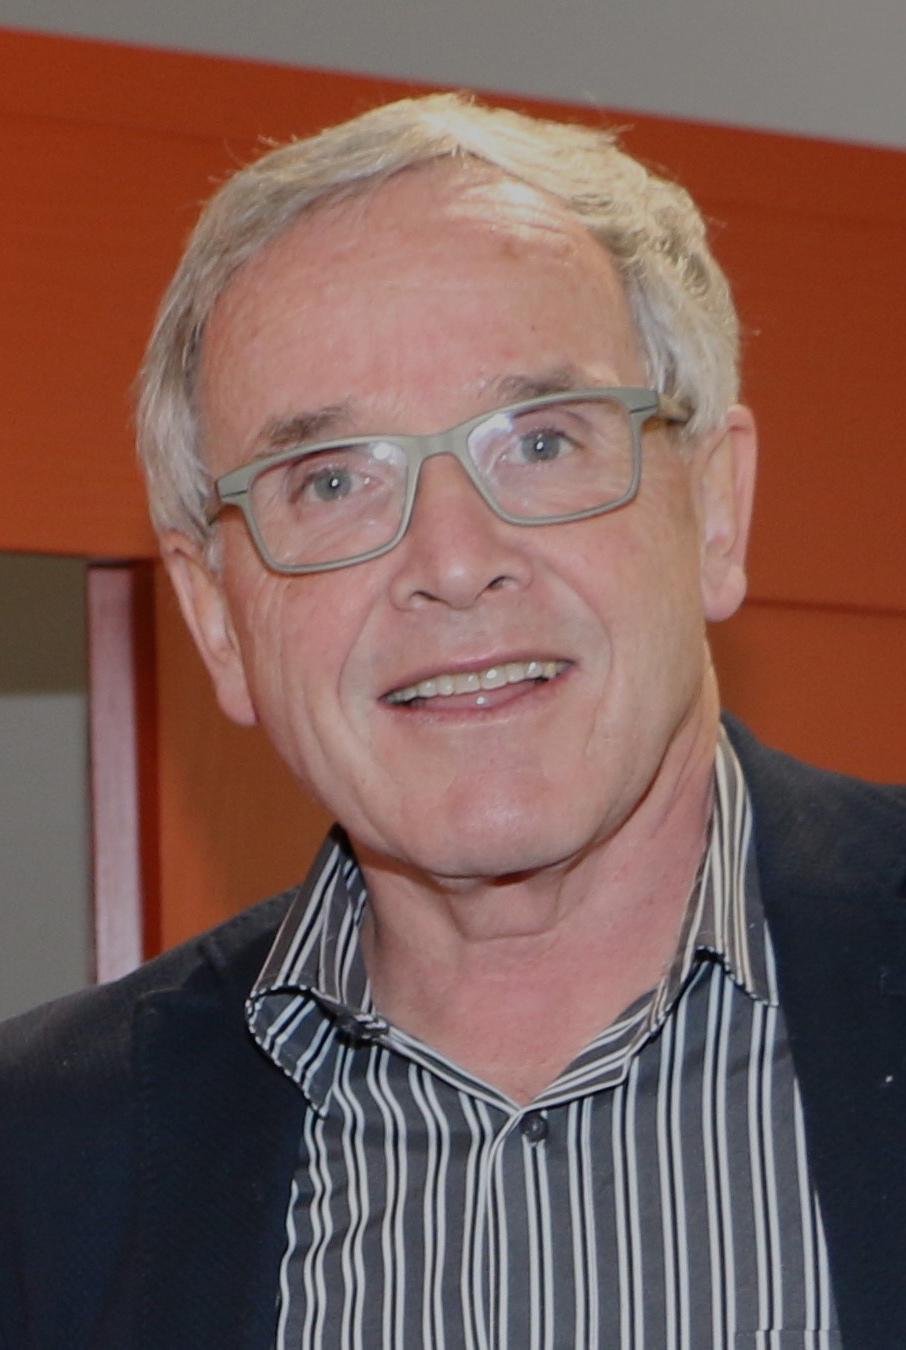 Peter Flury ist pensionierter Arzt und arbeitet Teilzeit am Medizinischen Zentrum «Gleis d» in Chur.